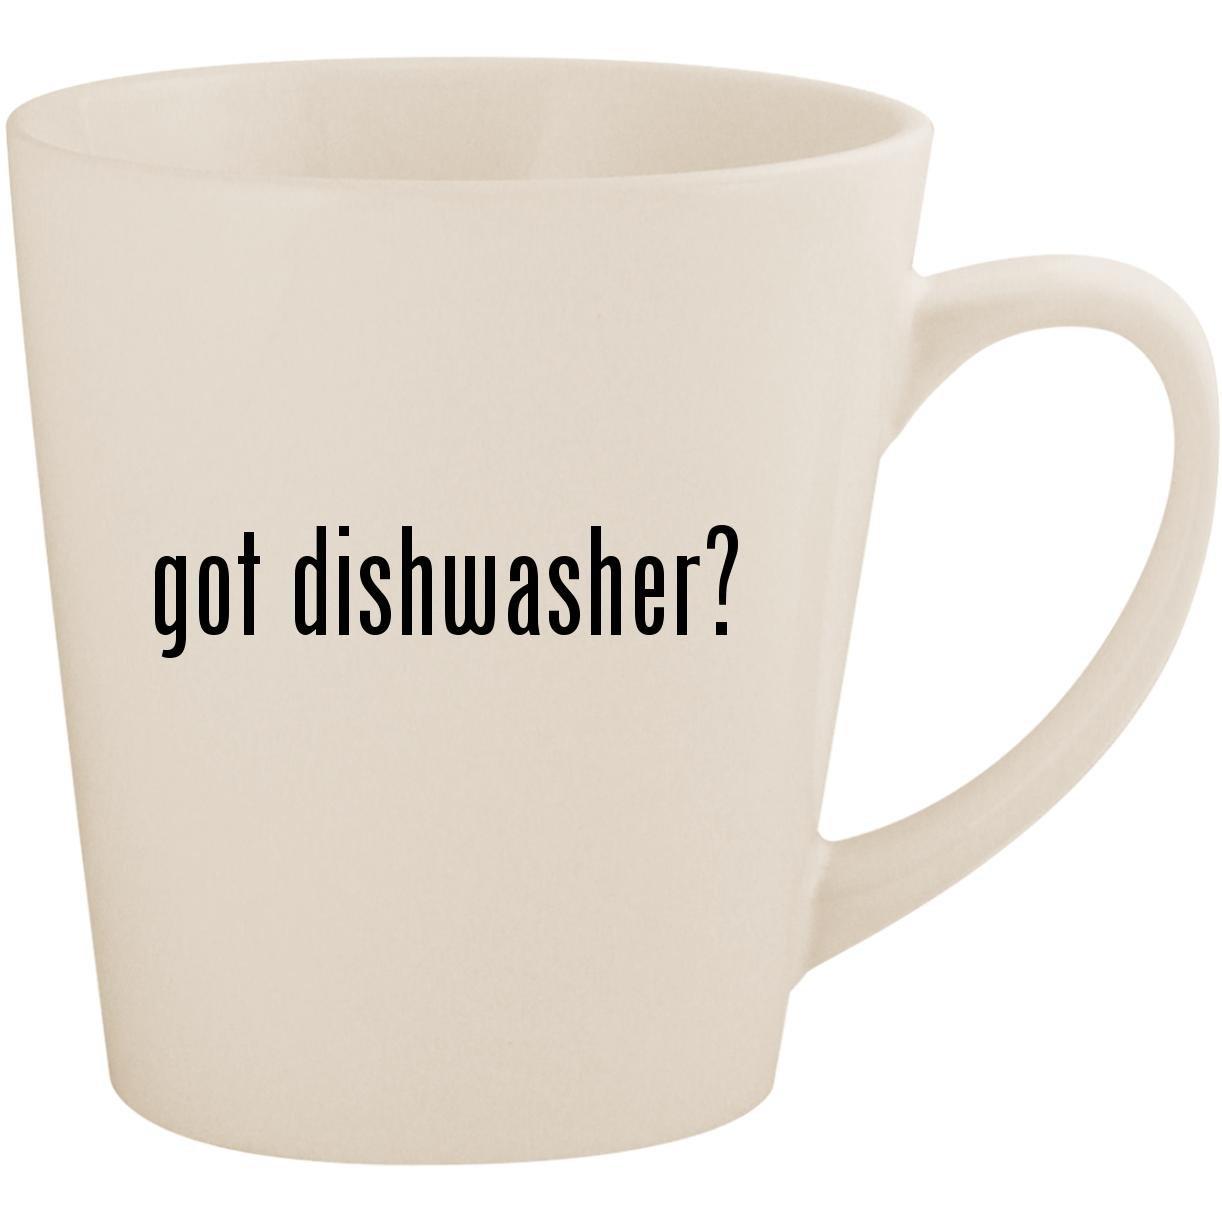 got dishwasher? - White 12oz Ceramic Latte Mug Cup